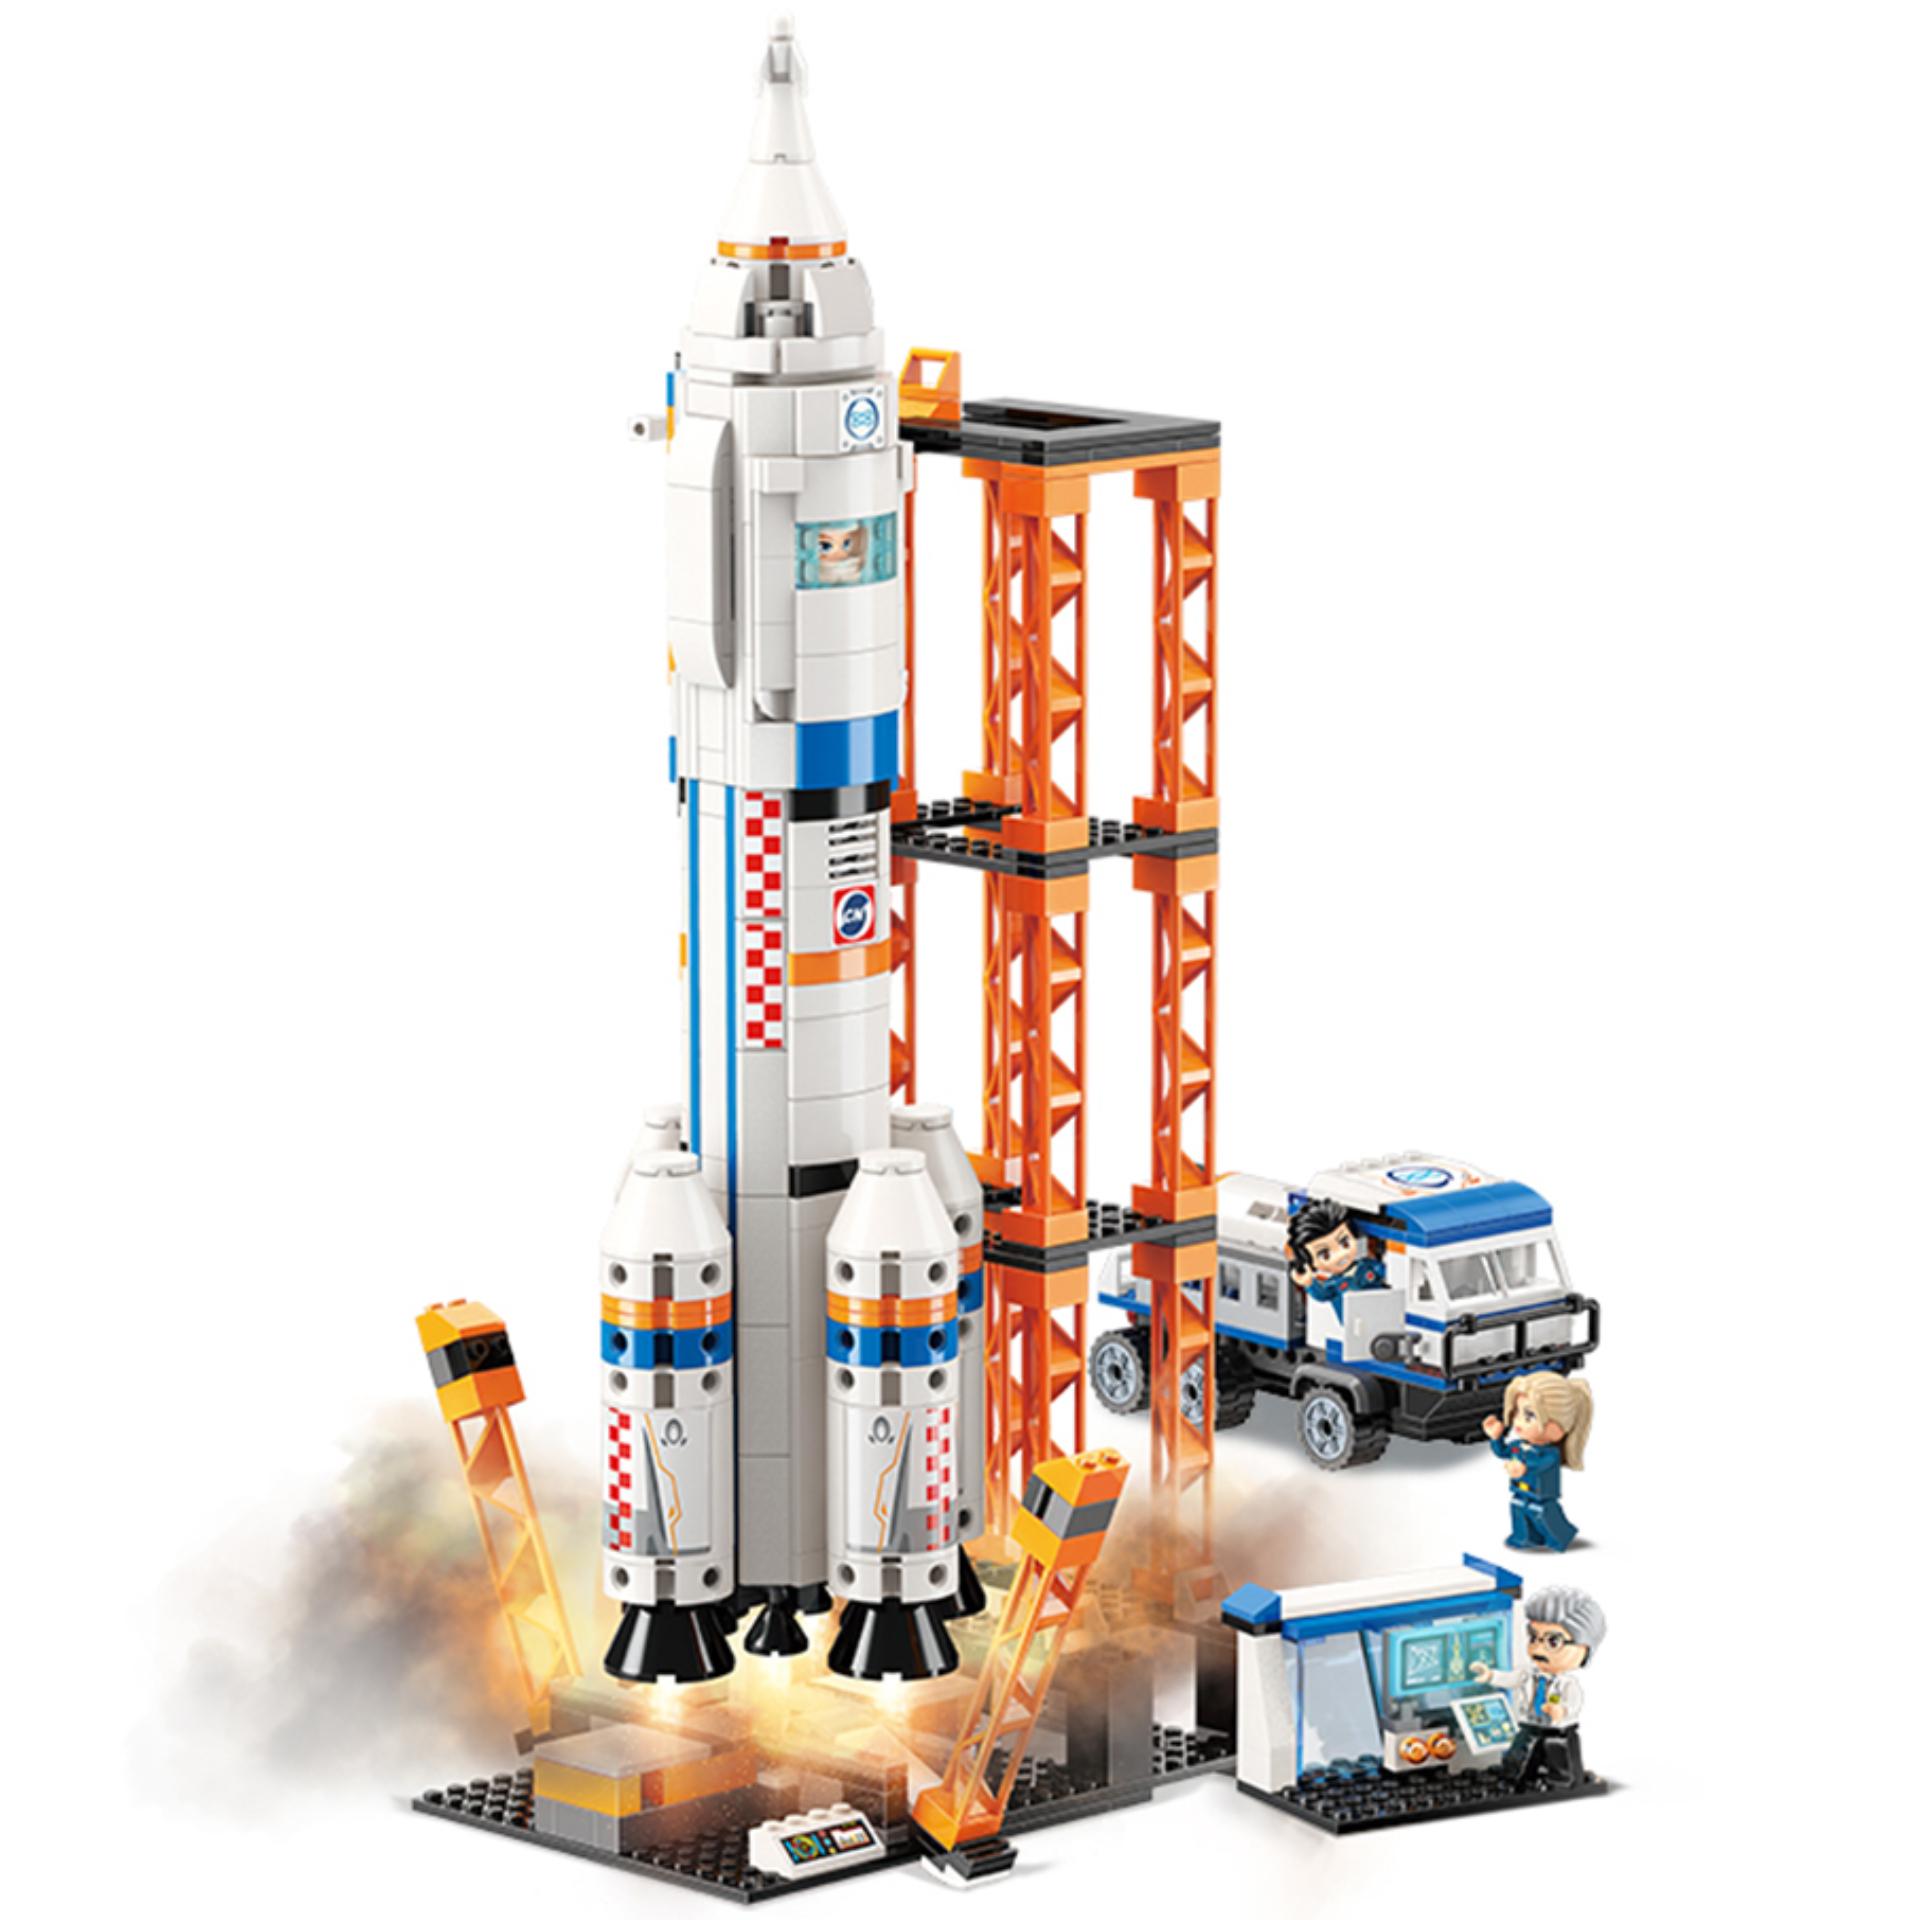 Qman 1140: Klemmbaustein Space Port mit Mondfahrzeug (632 Teile, 4 Qman Figuren, Physische Anleitung, EN71 Norm Geprüft)